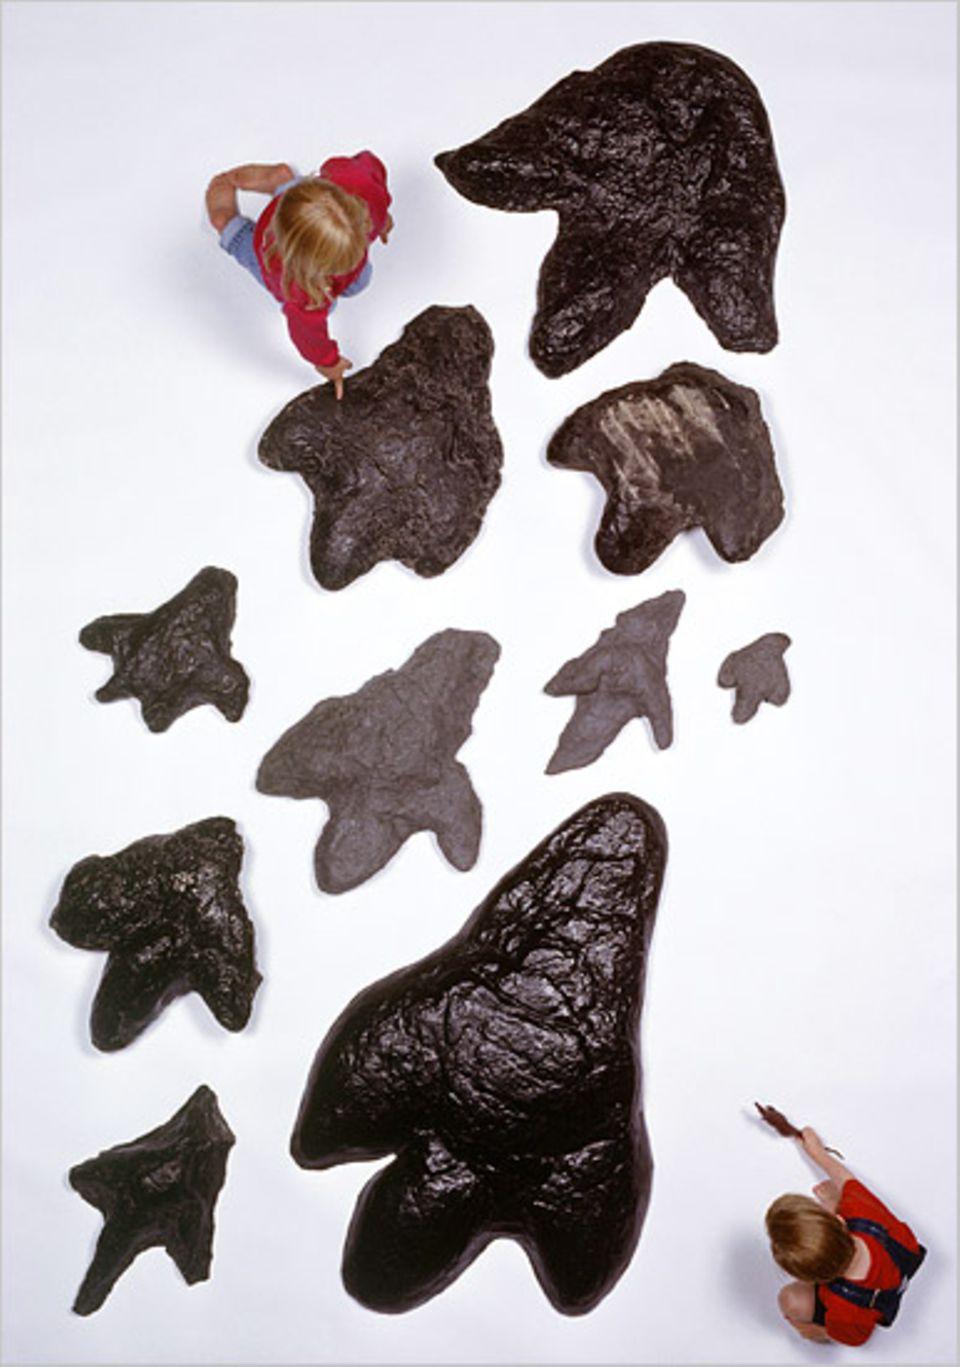 Kreationisten zweifeln nicht nur das Alter von Dinosaurierfossilien an (hier Fußabdrücke aus amerikanischen Kohleminen). Sie glauben auch, dass sie und die ersten Menschen die Erde gleichzeitig bevölkerten